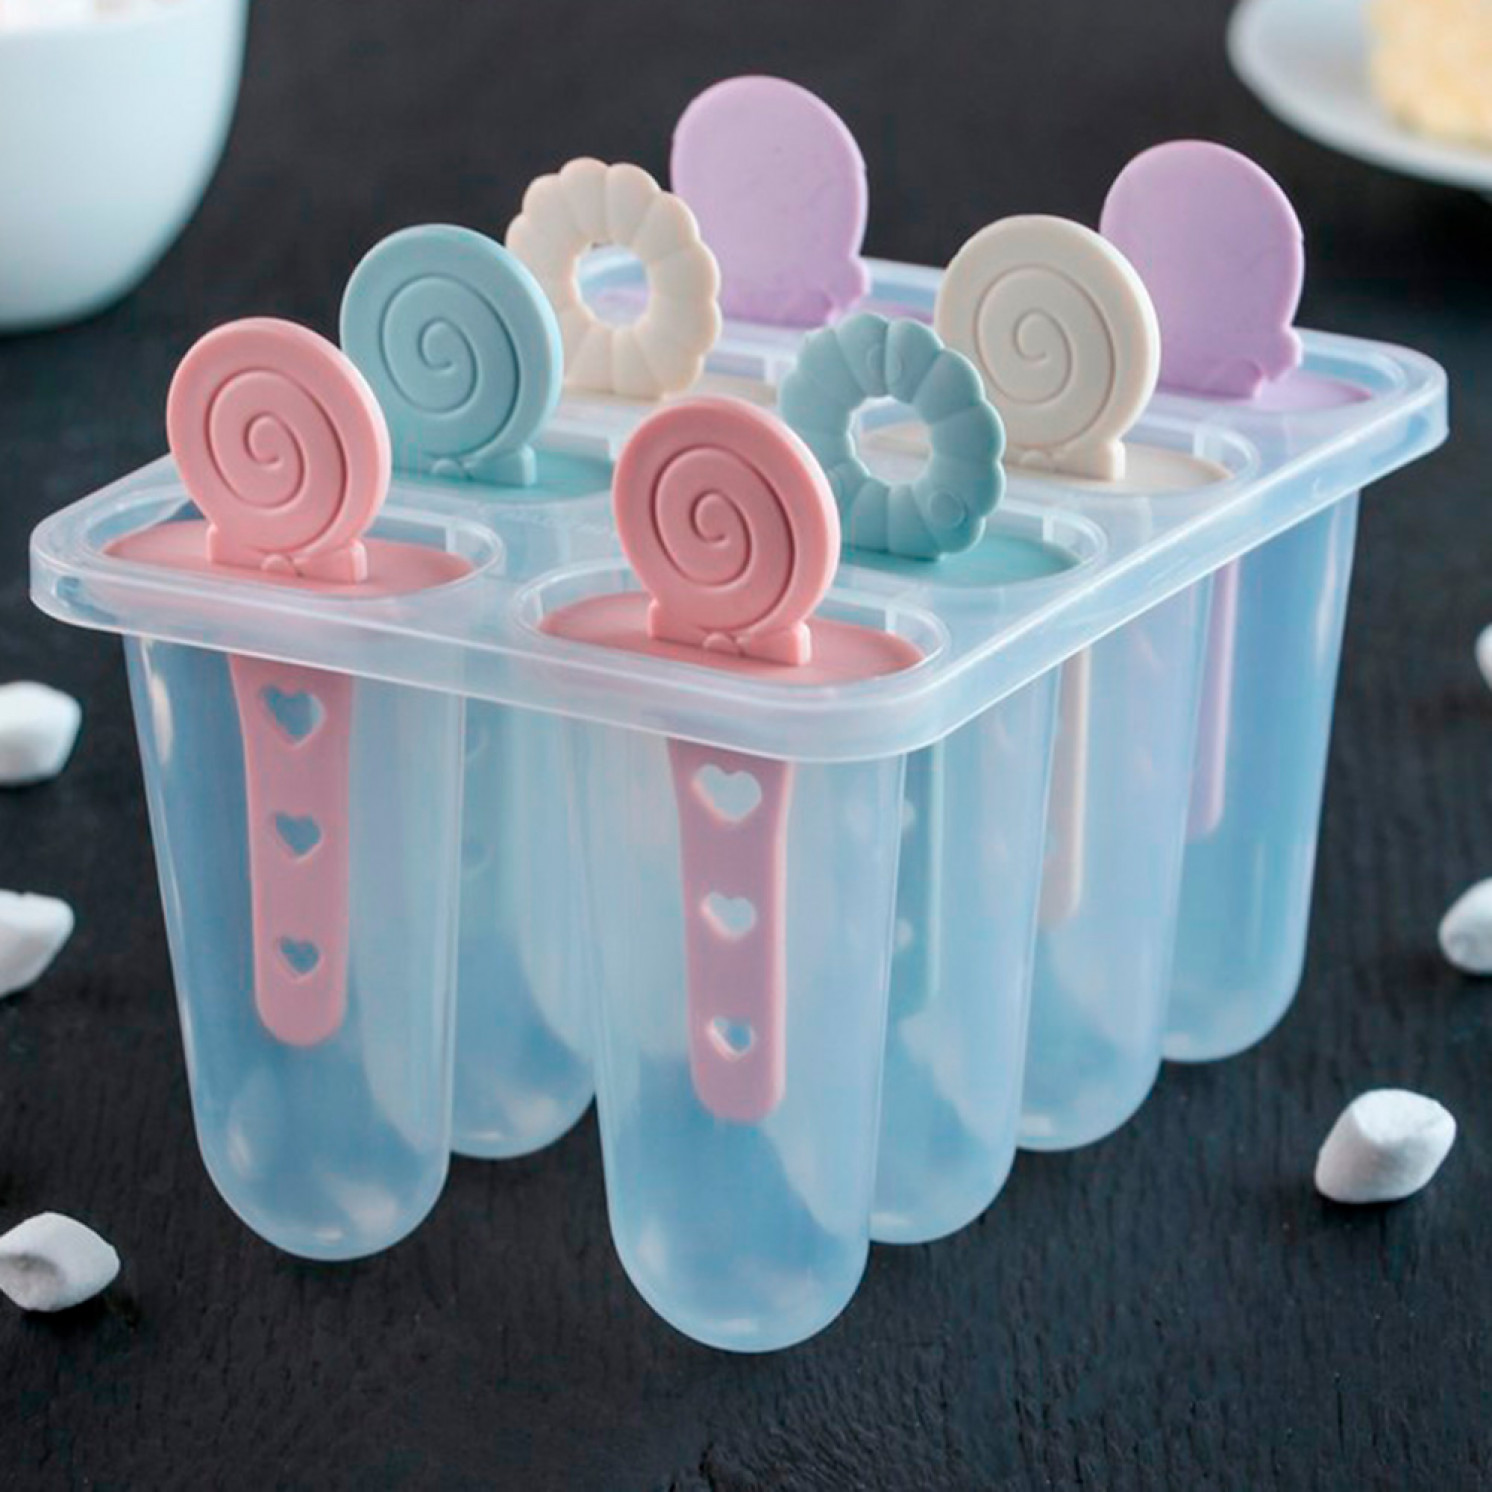 Форма для мороженого «Леденец», 8 ячеек, 15×12×12 см, цвет МИКС